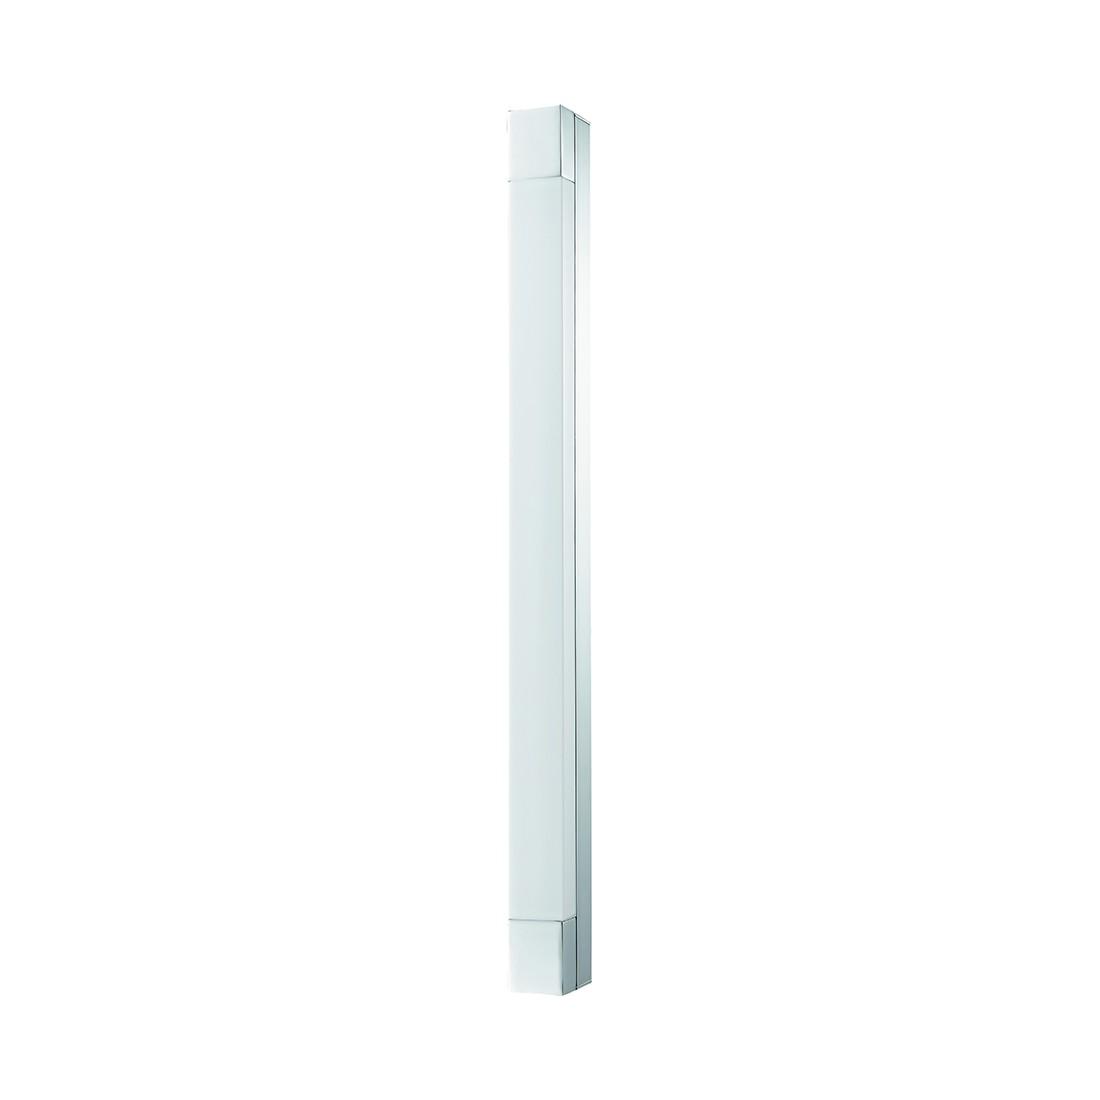 LED Wandleuchte Bagno ● Welllicht ● Metall ● 1-flammig- Sorpetaler A+